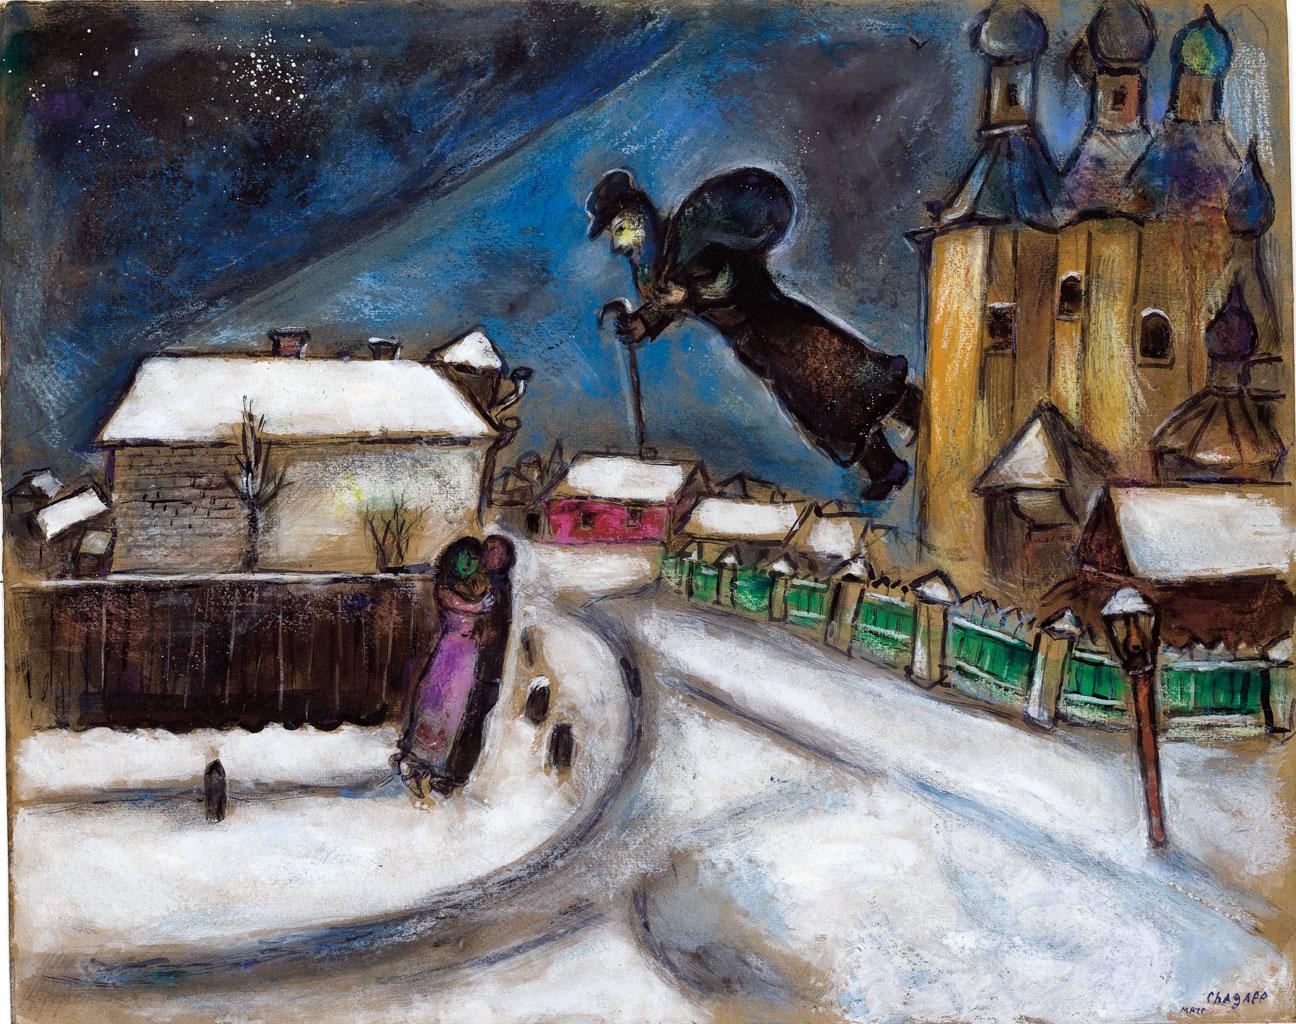 30 lat temu odszed marc chagall komisarz chagall. Black Bedroom Furniture Sets. Home Design Ideas